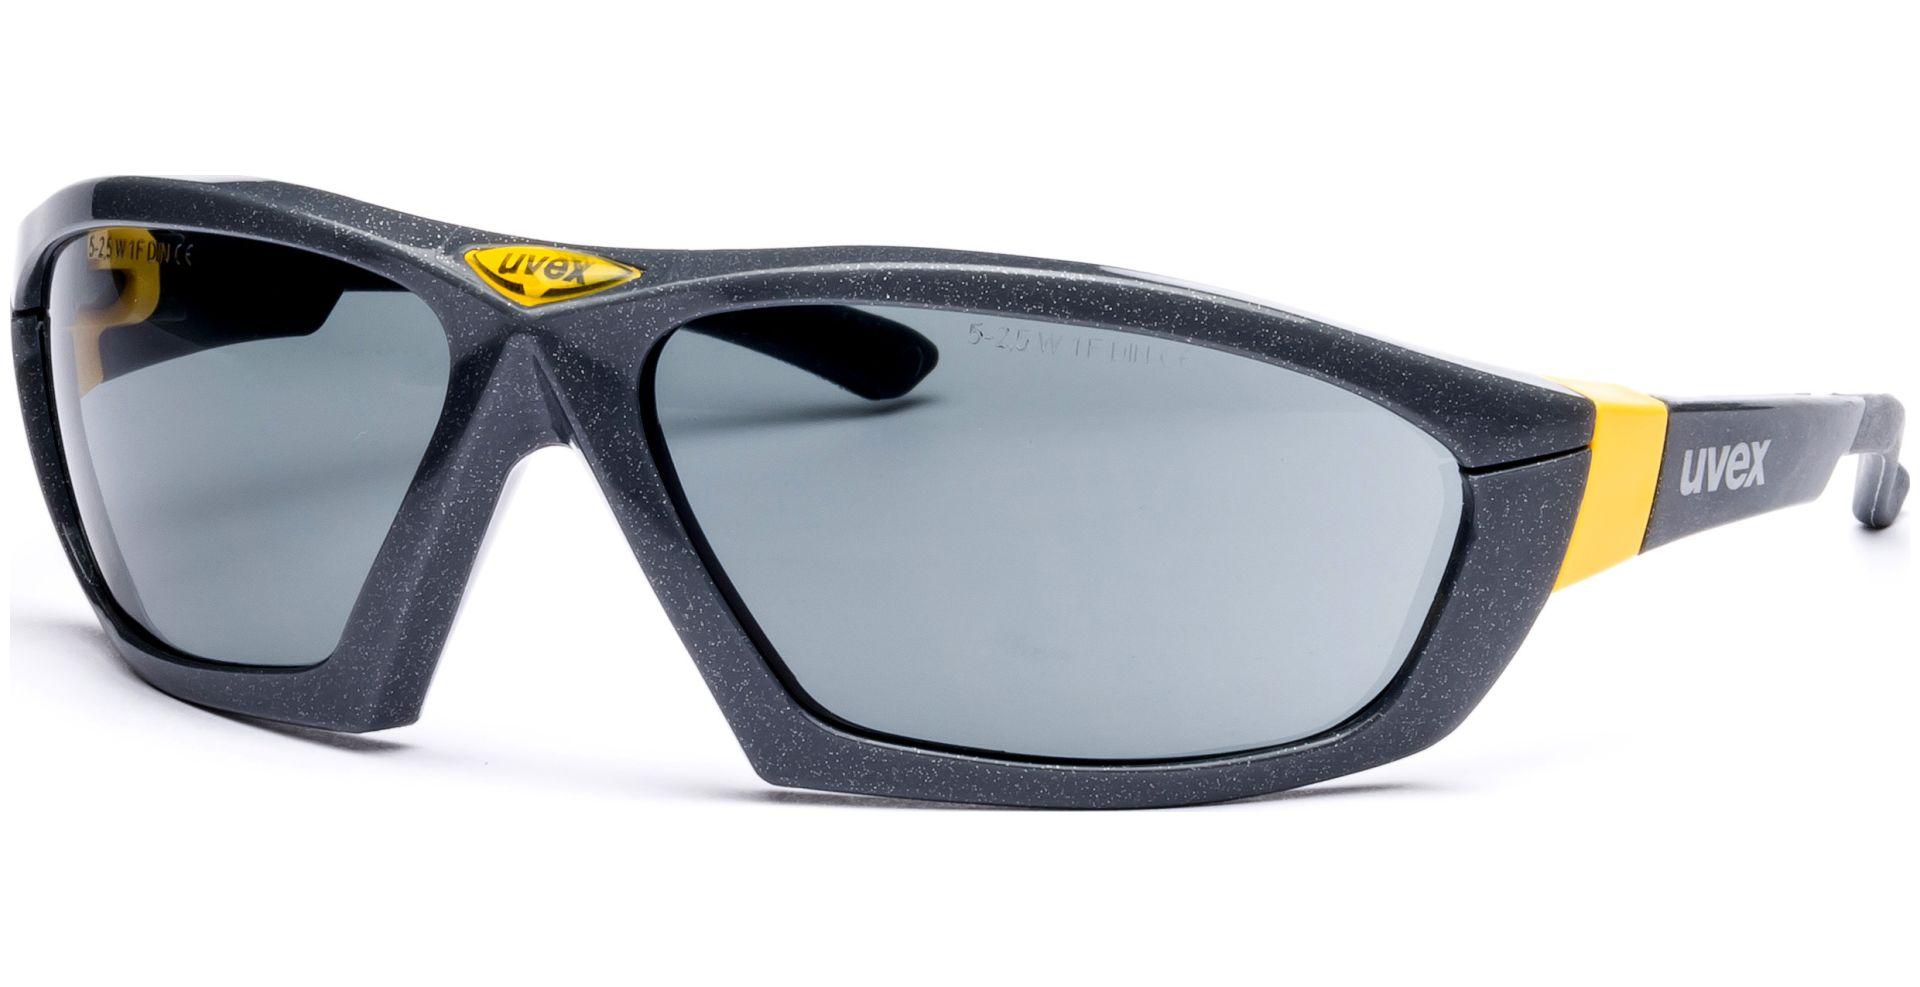 Uvex Arbeitsschutz - 9185.076 titan - von Lensbest